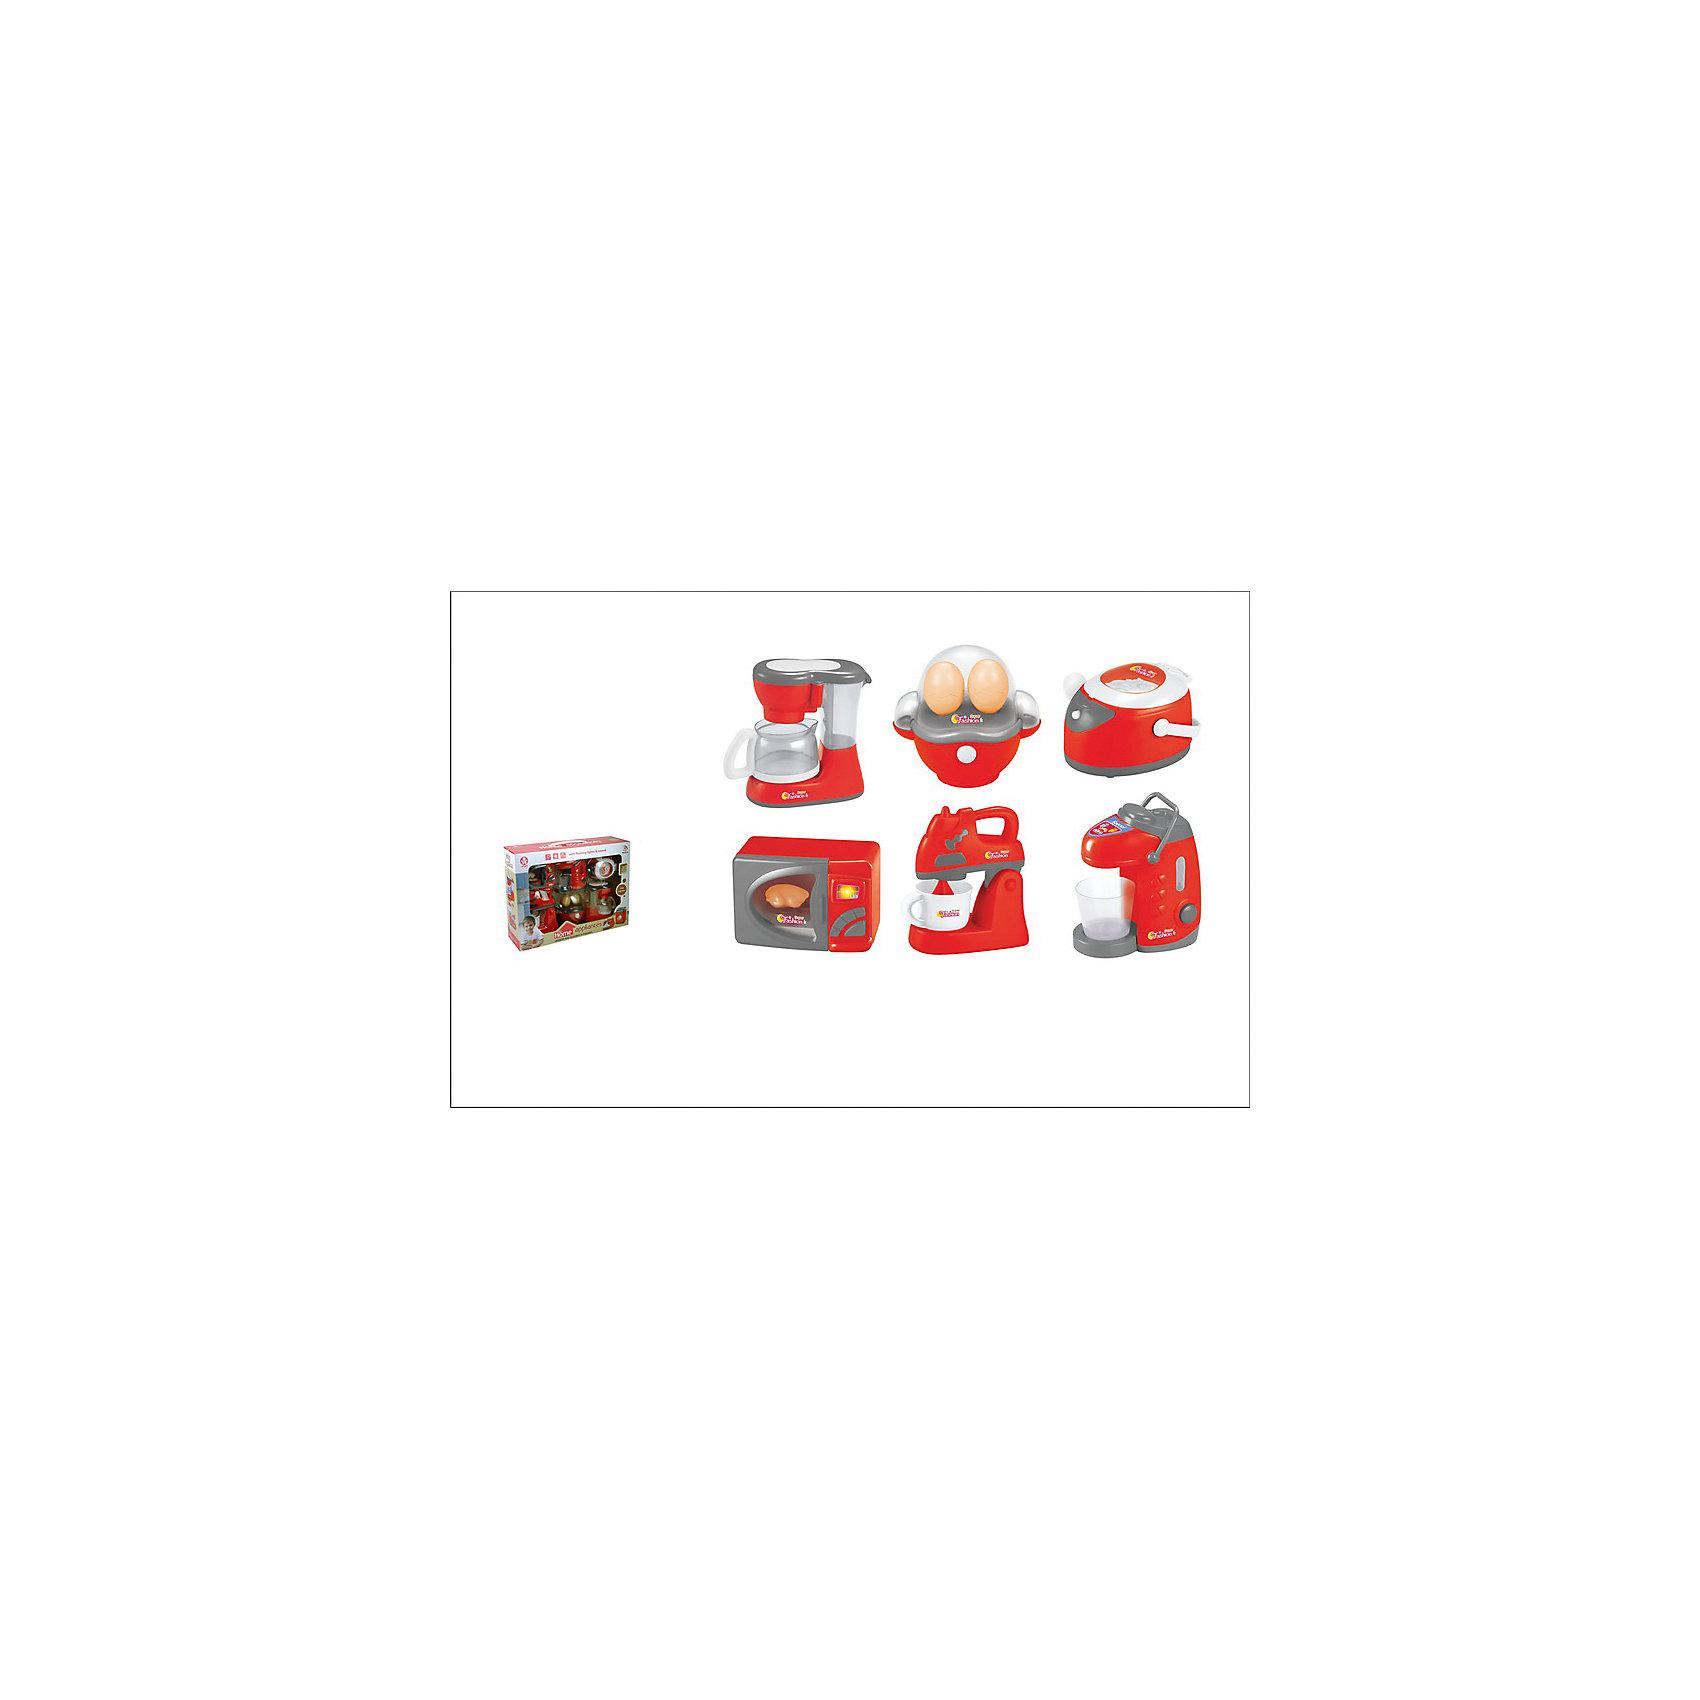 - Набор бытовой техники: кофеварка, яйцеварка, мультиварка, микроволновая печь, блендер,ти-пот, 38x9.5x28см, JUNFA